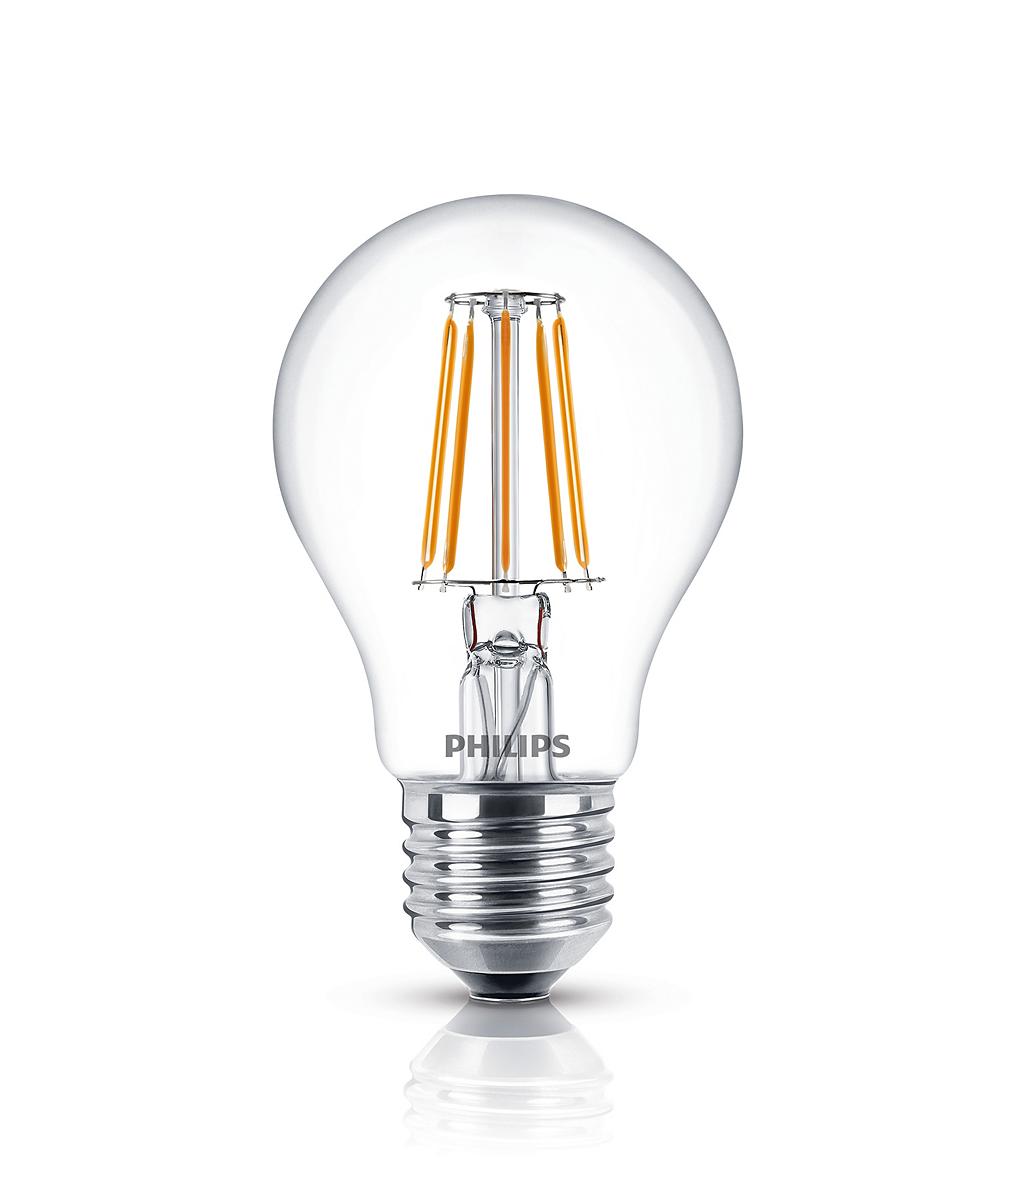 led light bulb filament. Black Bedroom Furniture Sets. Home Design Ideas